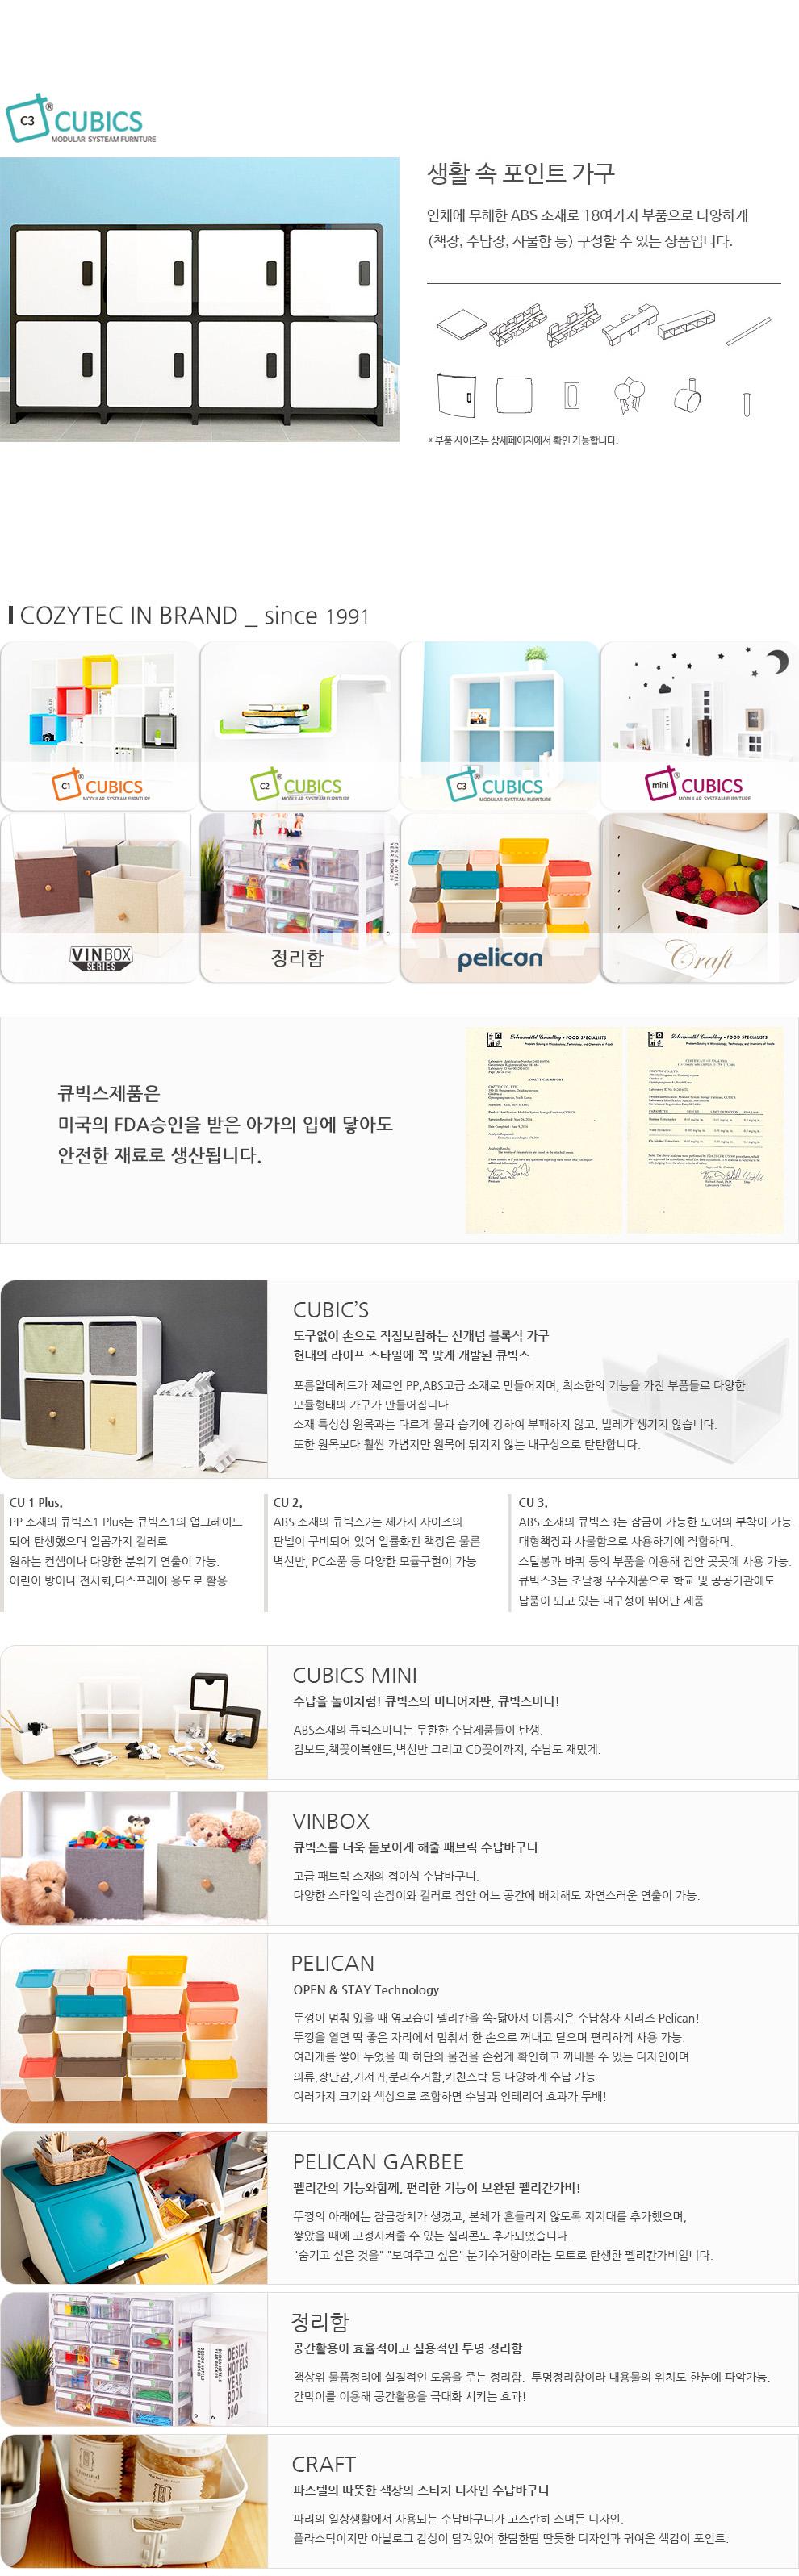 브랜드소개_큐빅스3